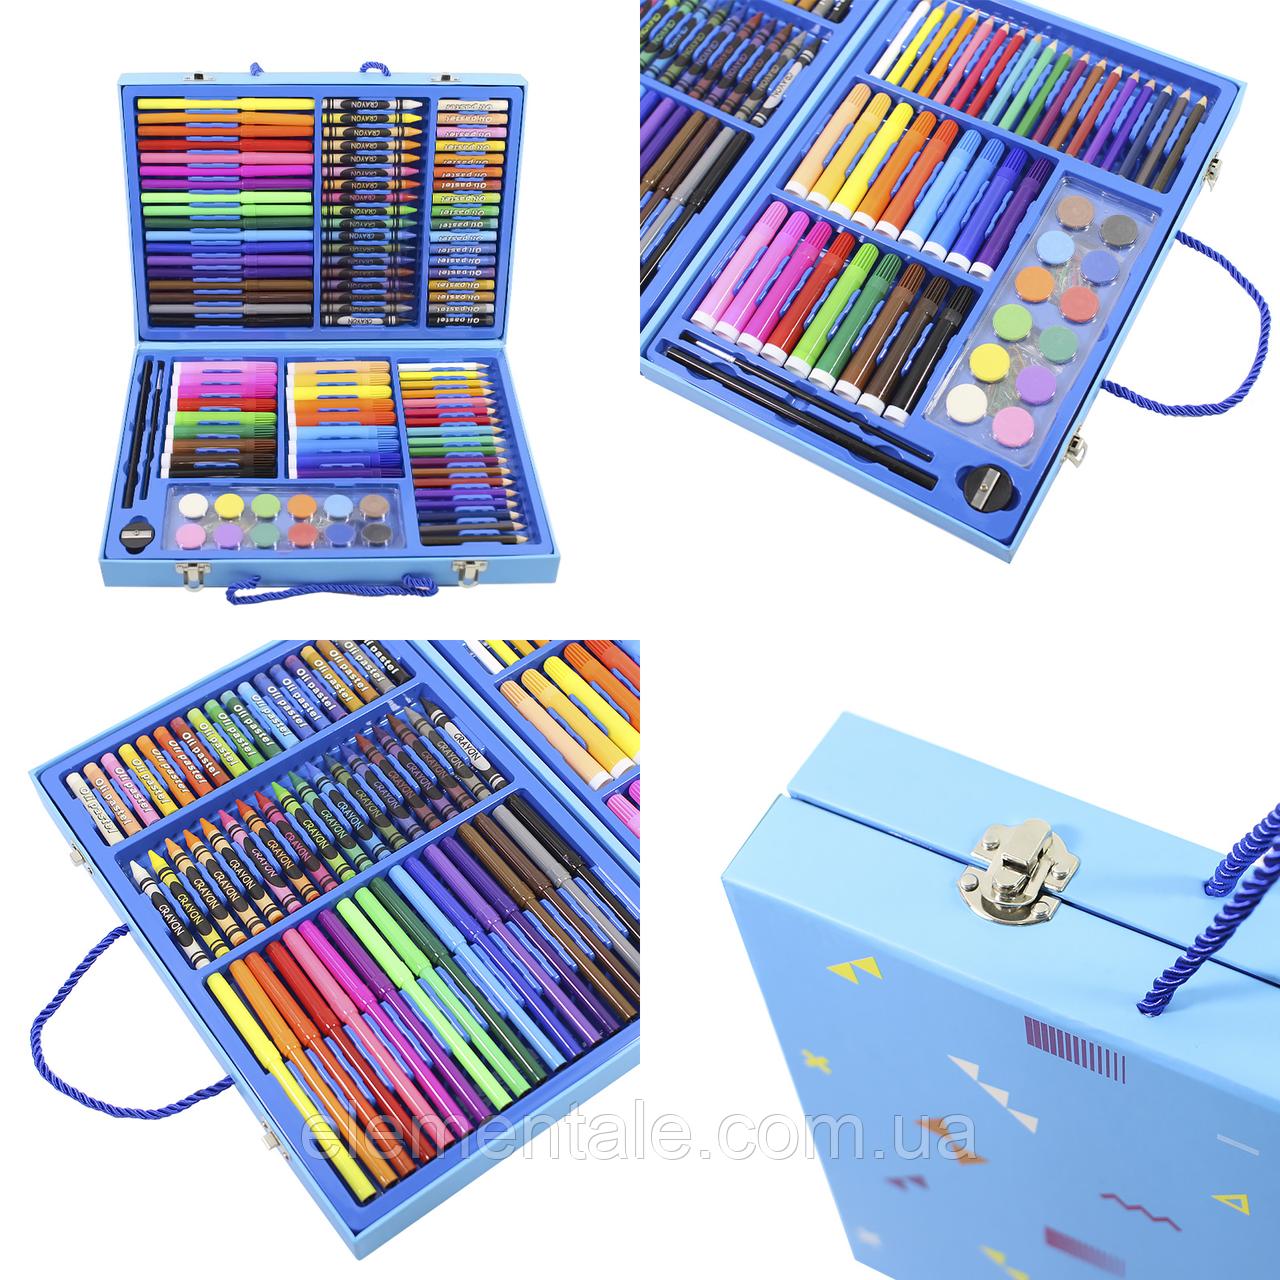 Набор для детского творчества и рисования Painting Set 106 предметов Blue